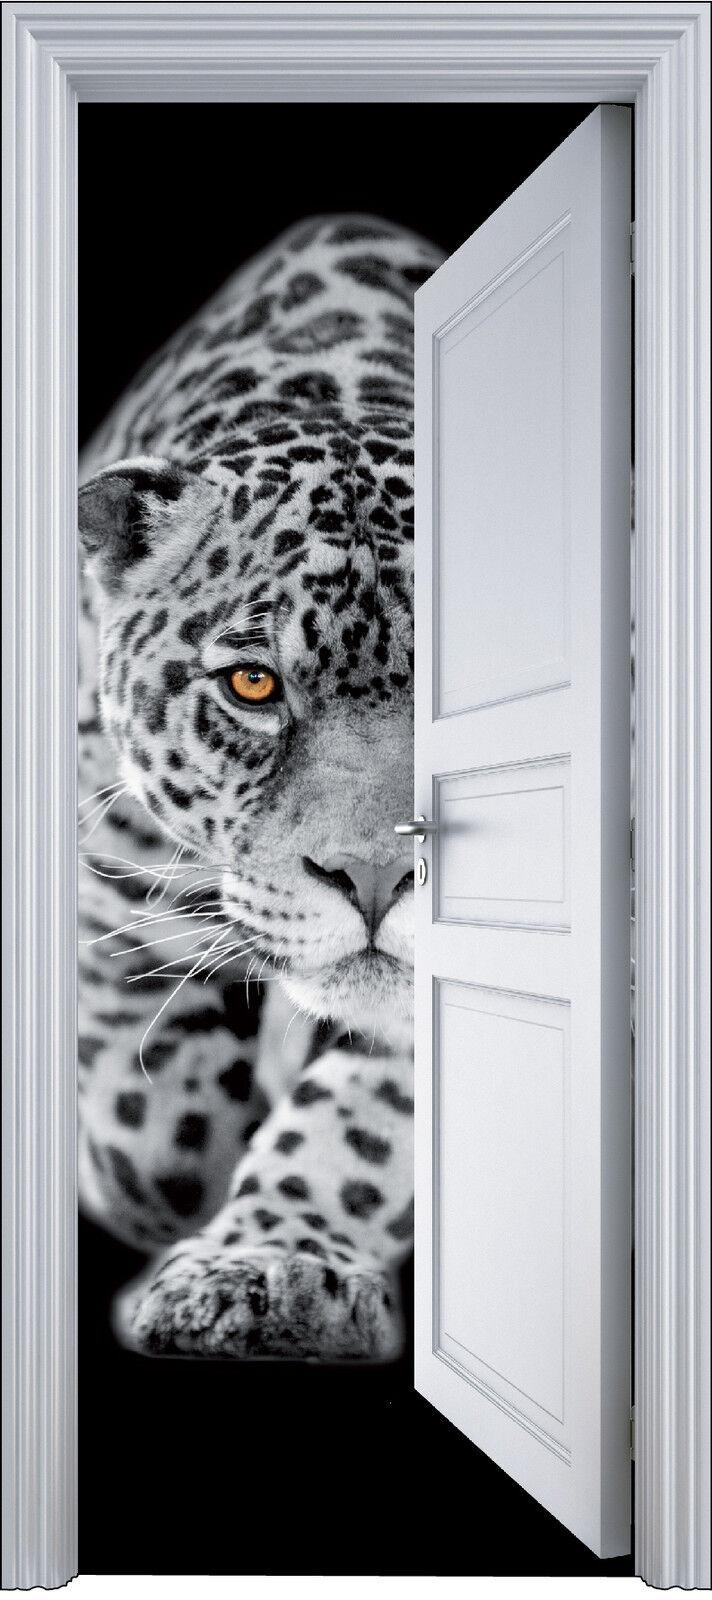 Adhesivo Puerta Trompa Trampantojo Decoración Jaguar 90x200 cm Ref 2104